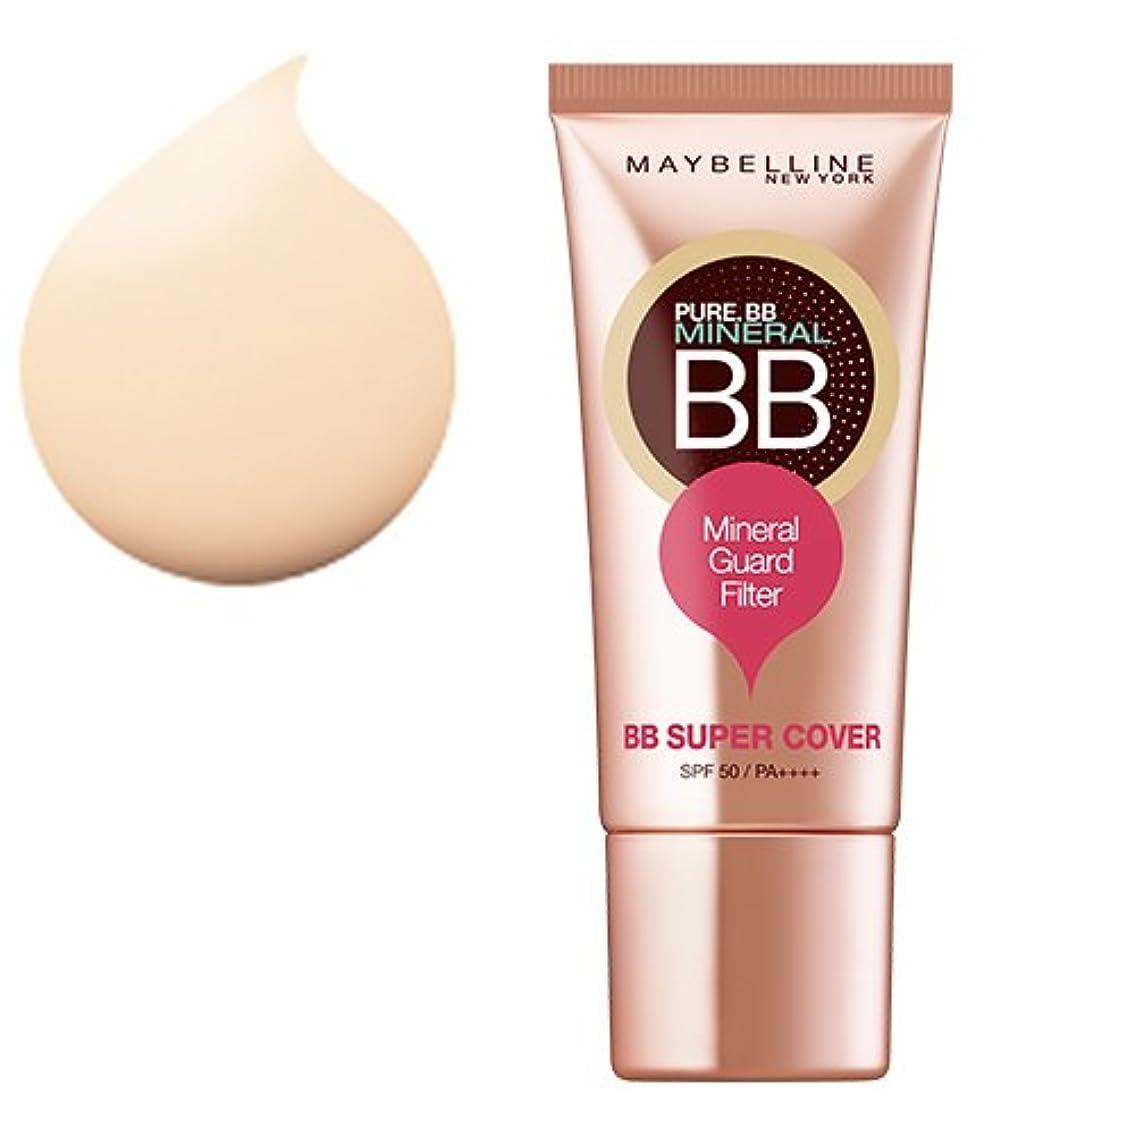 ミニ調和のとれた少なくともメイベリン BBクリーム ピュアミネラル BB SP カバー 01 ナチュラル ベージュ